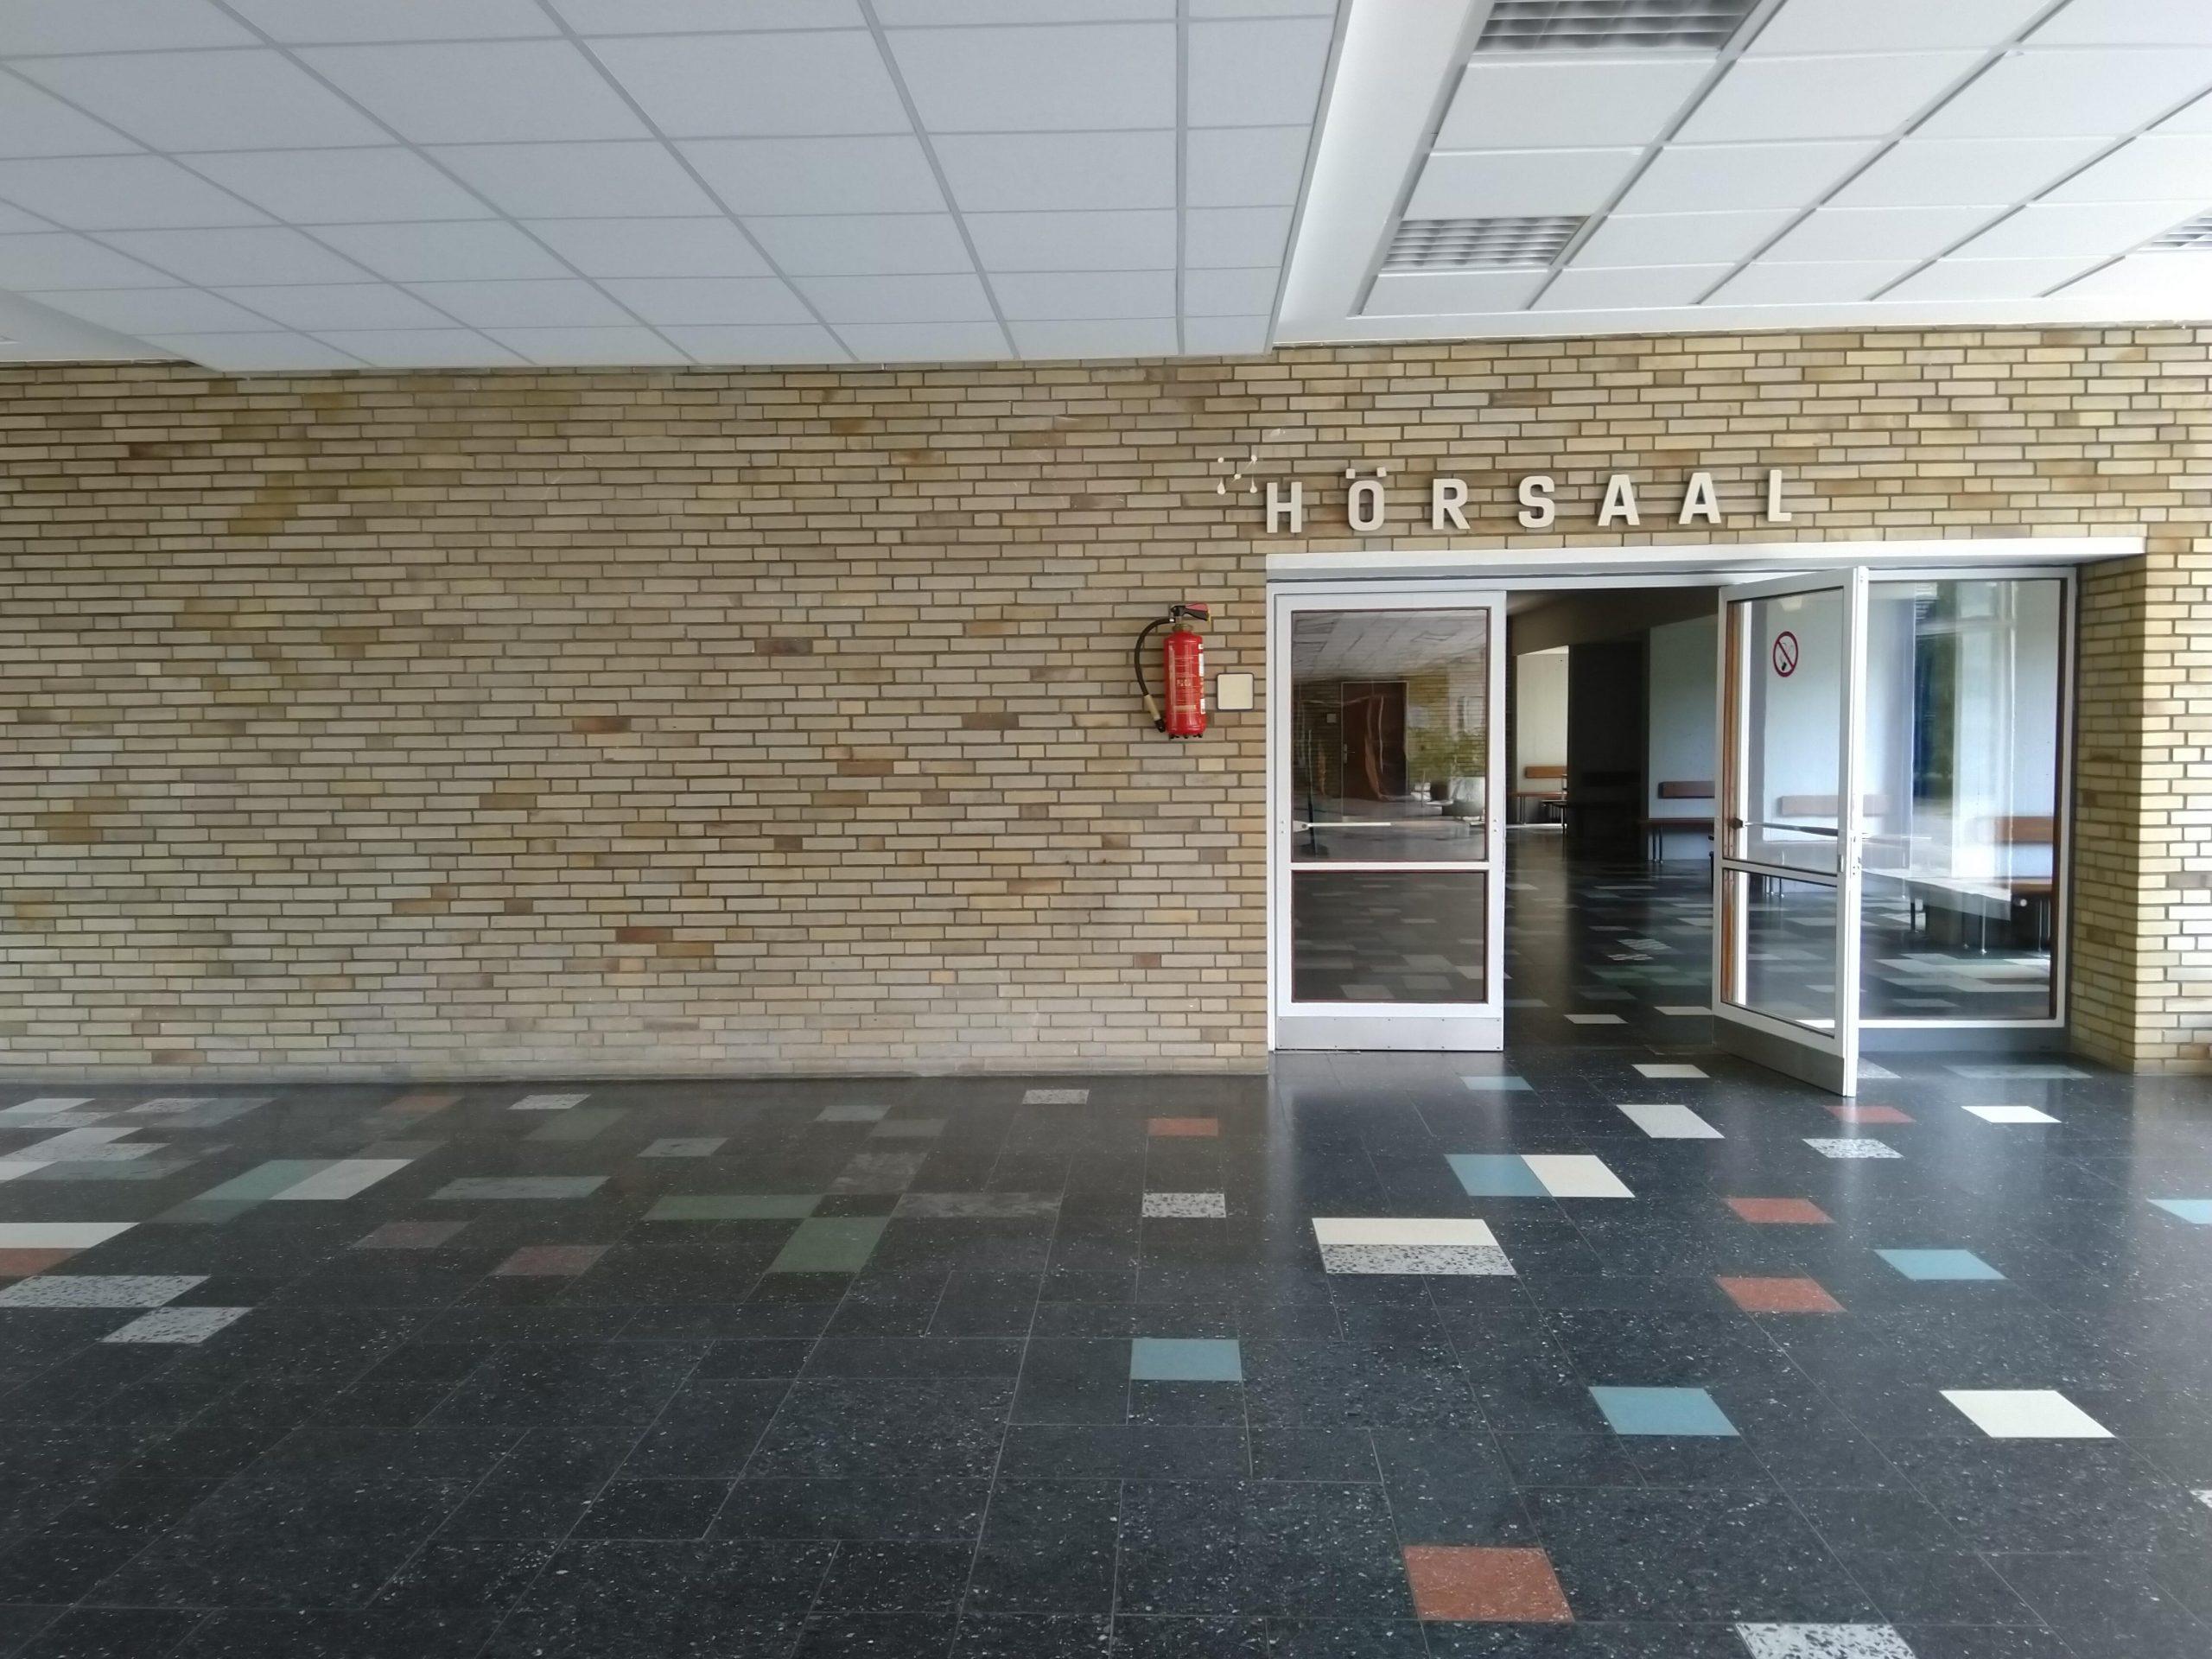 Eingangsbereich zum Hörsaal - Wischen ist Macht JAMES CLEAN GMBH Ihr Servicepartner seit 1996 aus Mönchengladbach